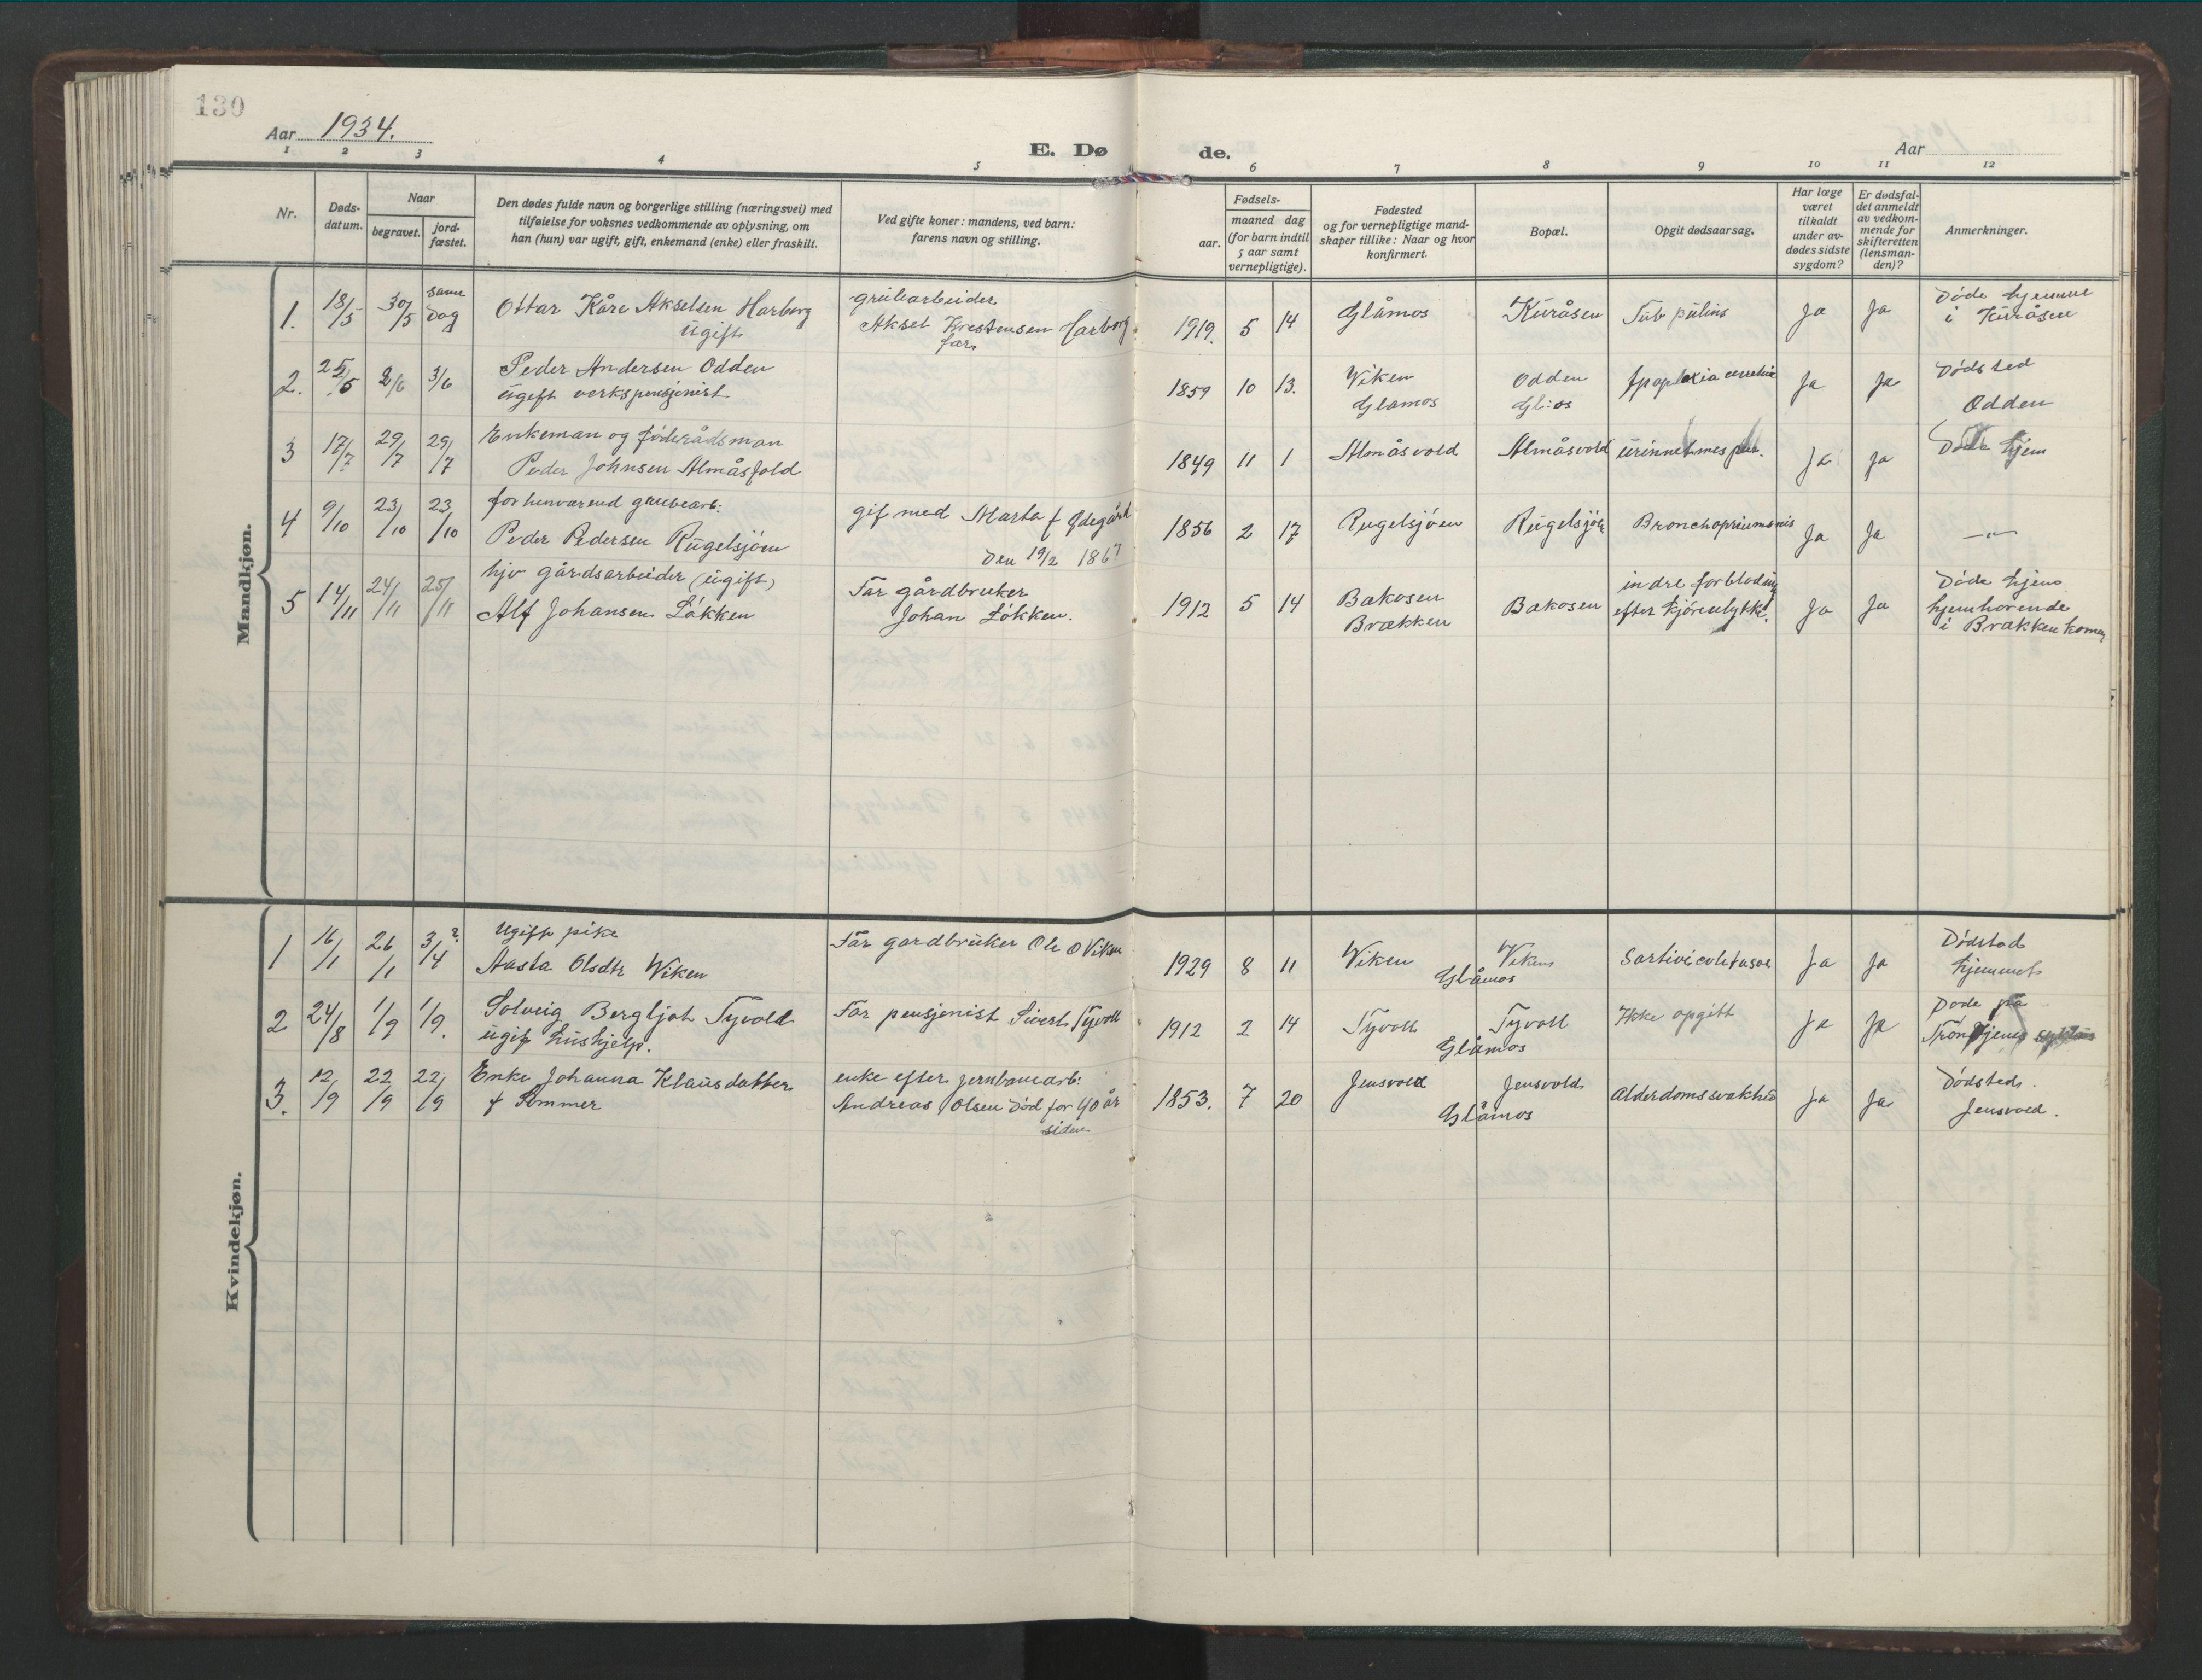 SAT, Ministerialprotokoller, klokkerbøker og fødselsregistre - Sør-Trøndelag, 682/L0947: Klokkerbok nr. 682C01, 1926-1968, s. 130